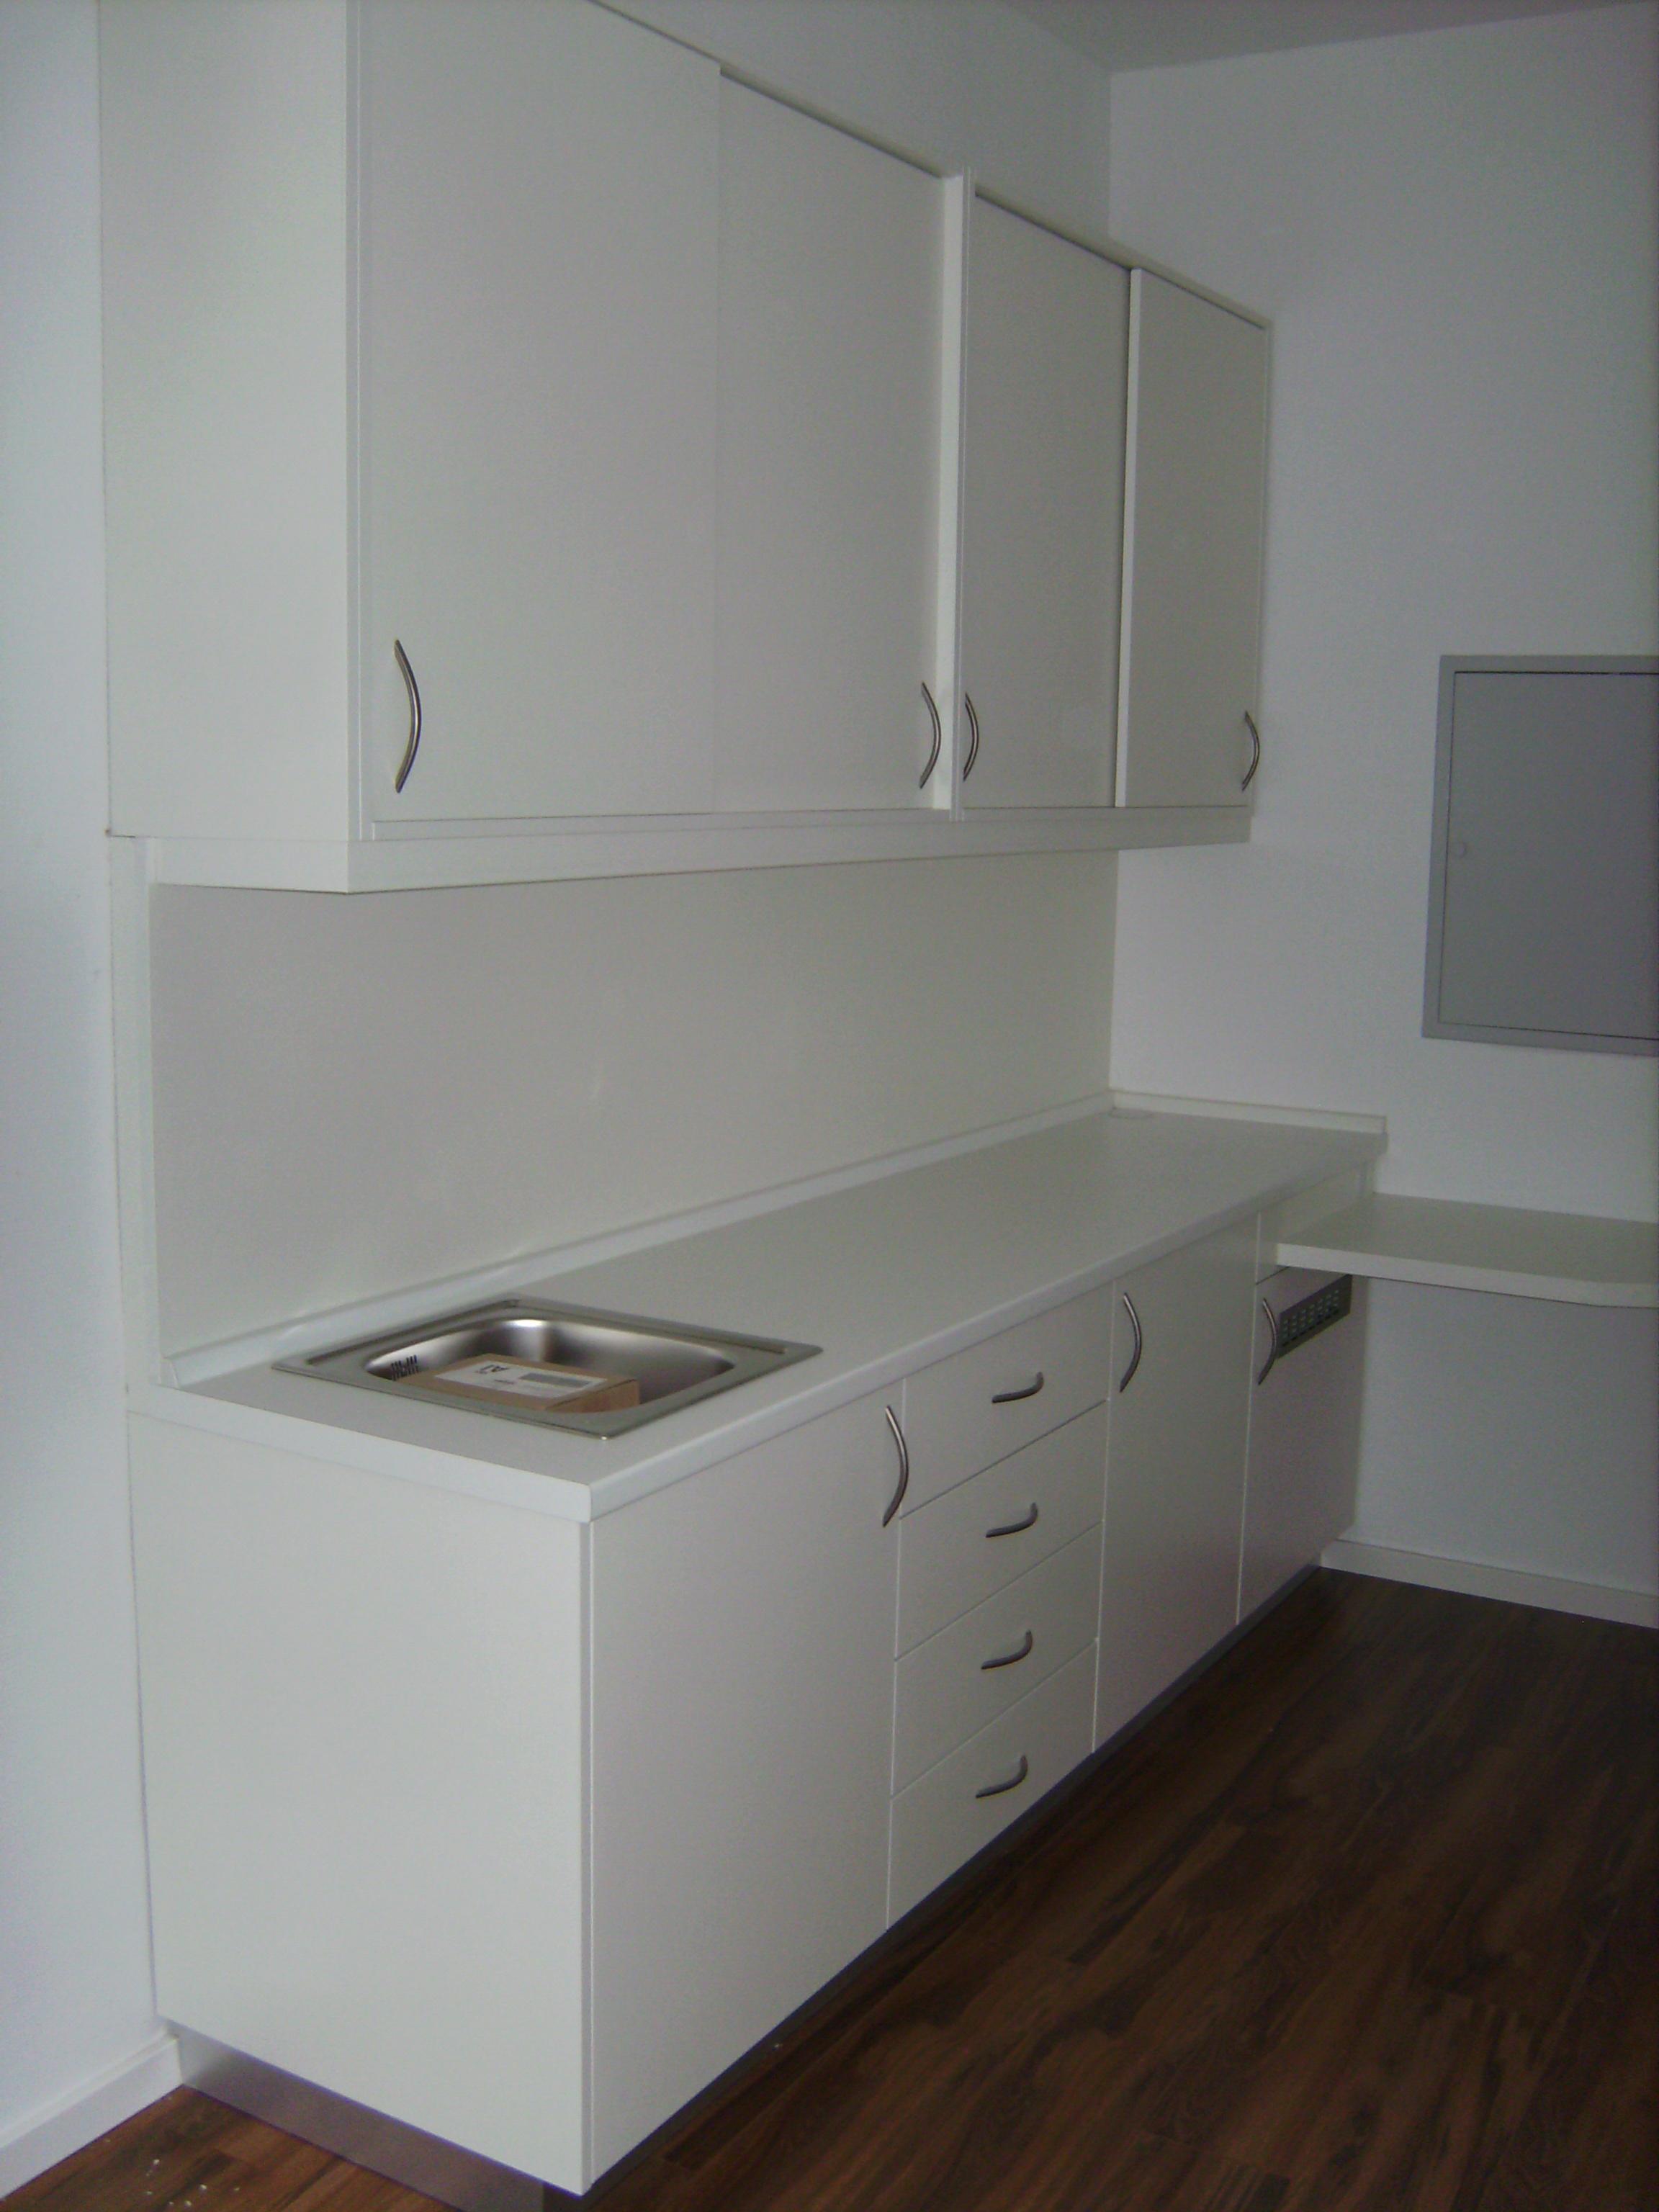 Büroküche mit Hängeschrank